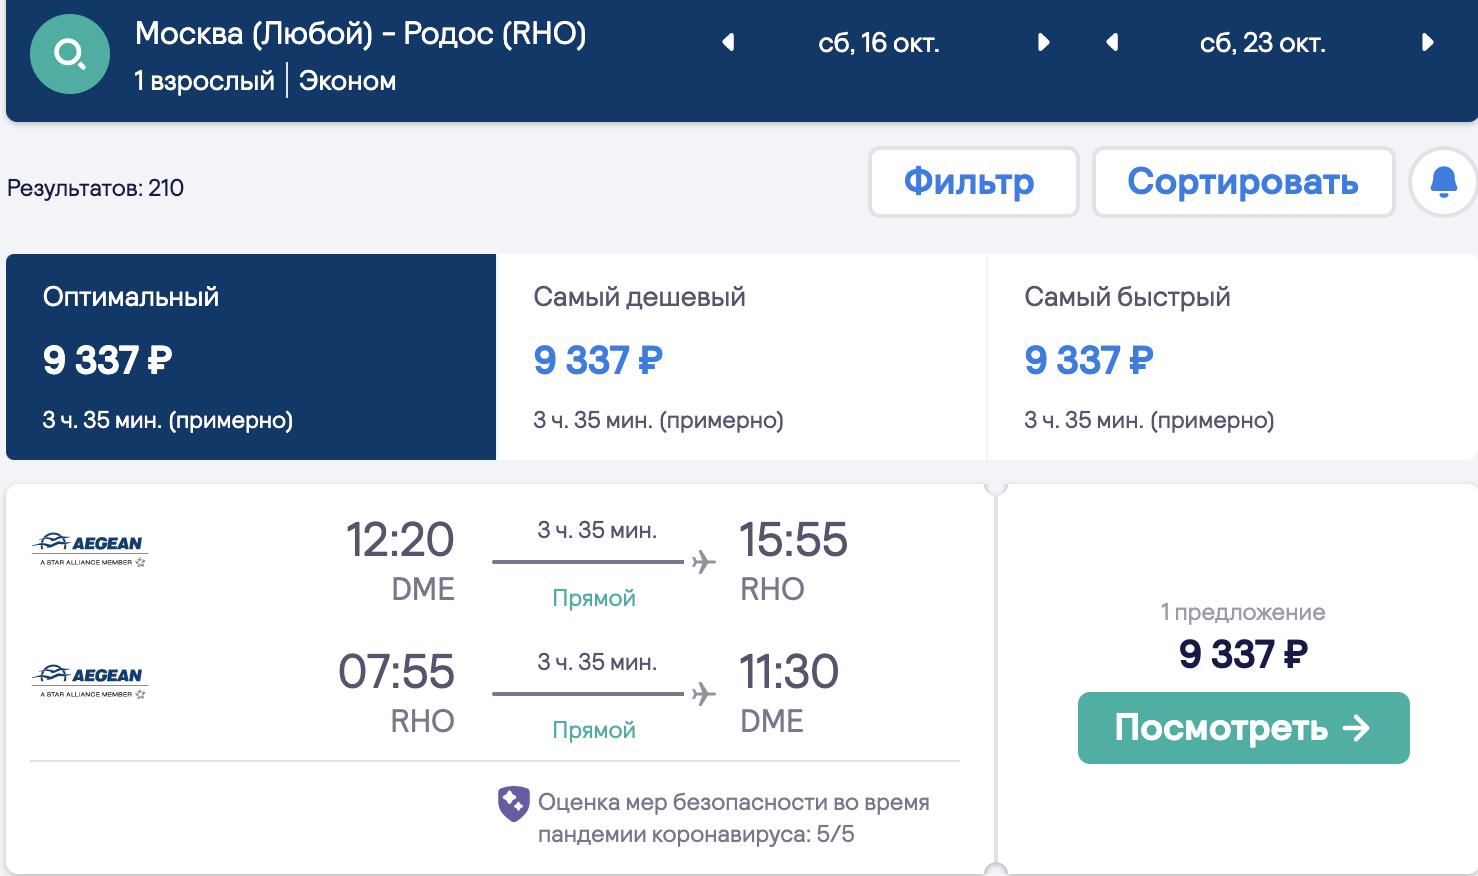 К морю и оливкам: прямые чартеры на Родос из Москвы за 9300₽ туда-обратно (завтра)